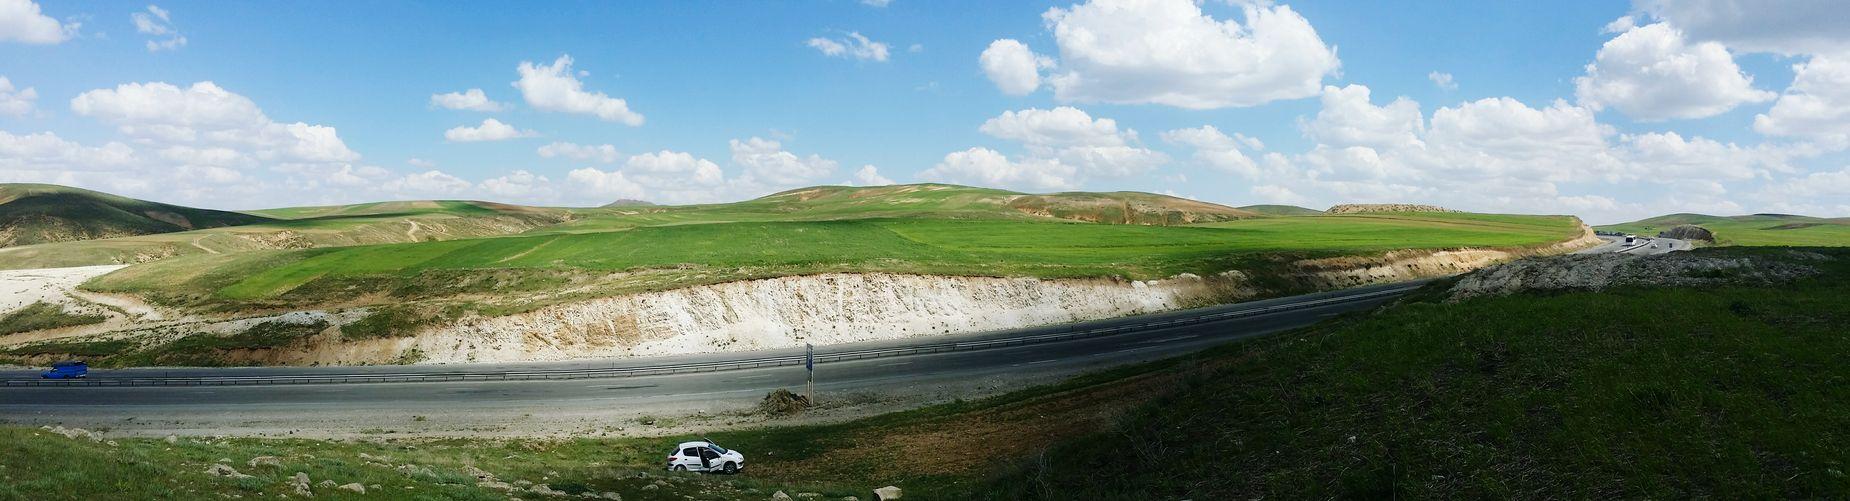 Panorama from zanjan Highway First Eyeem Photo